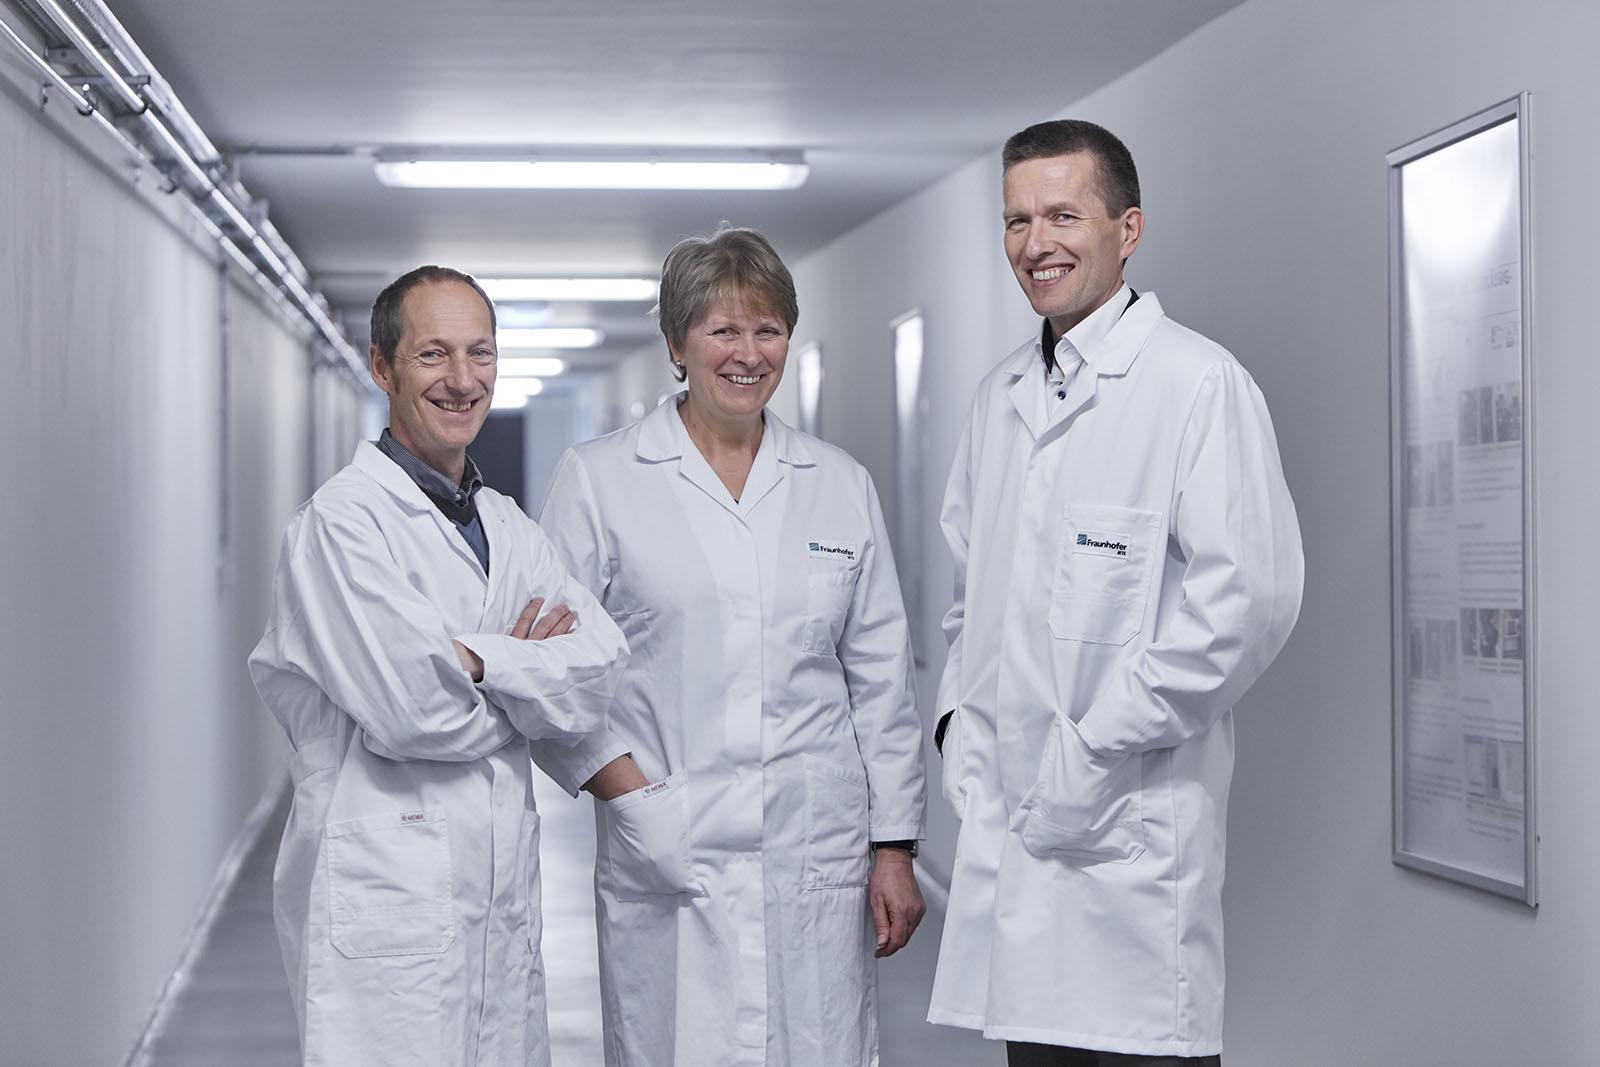 Die von Hannes Richter, Petra Puhlfürß und Ingolf Voigt (v.l.n.r.) entwickelten keramischen Membranen erreichen erstmals eine molekulare Trenngrenze von 200 Dalton. Dadurch lassen sich Abwässer noch effizienter reinigen.